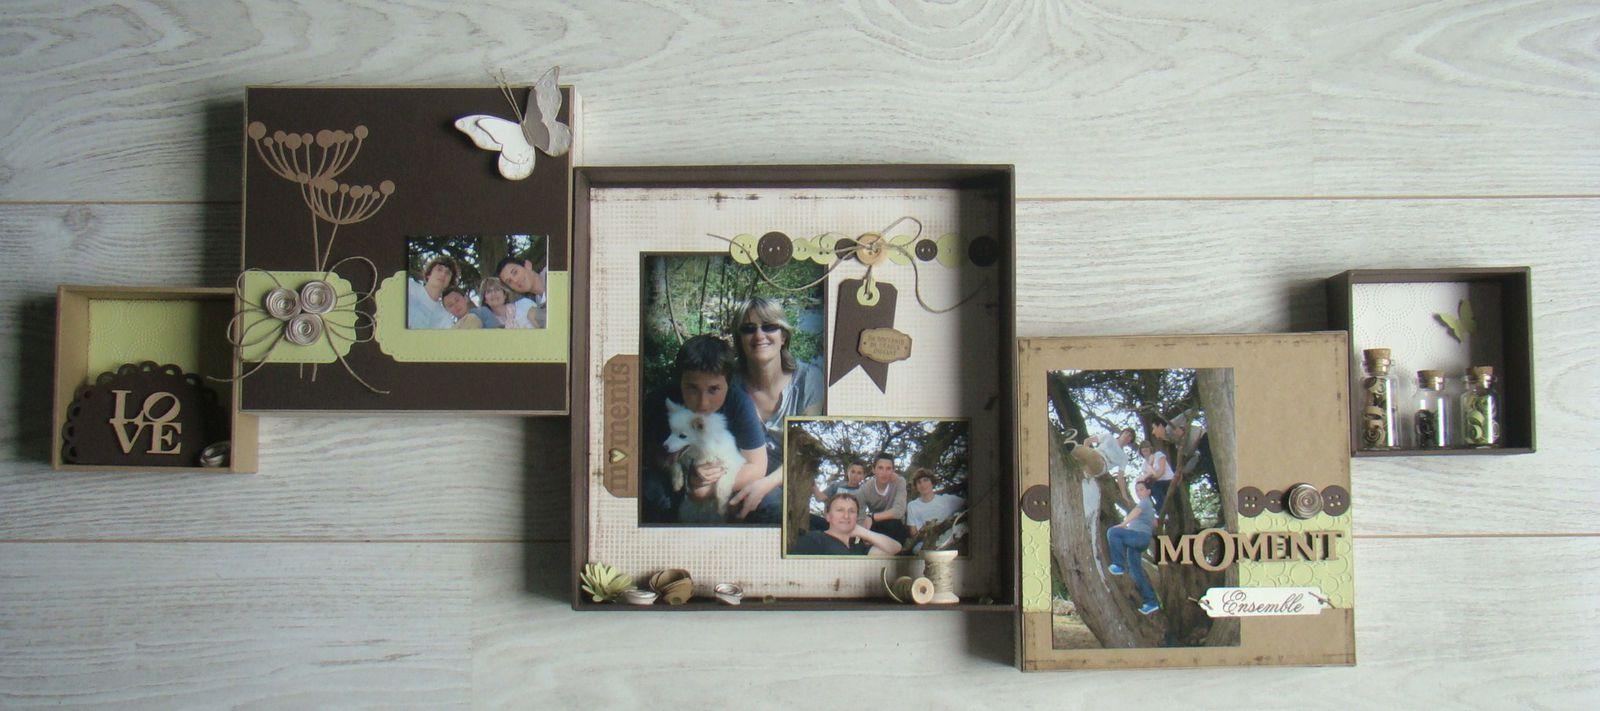 deco cadre photo cheap deco cadres photos mur dans un. Black Bedroom Furniture Sets. Home Design Ideas